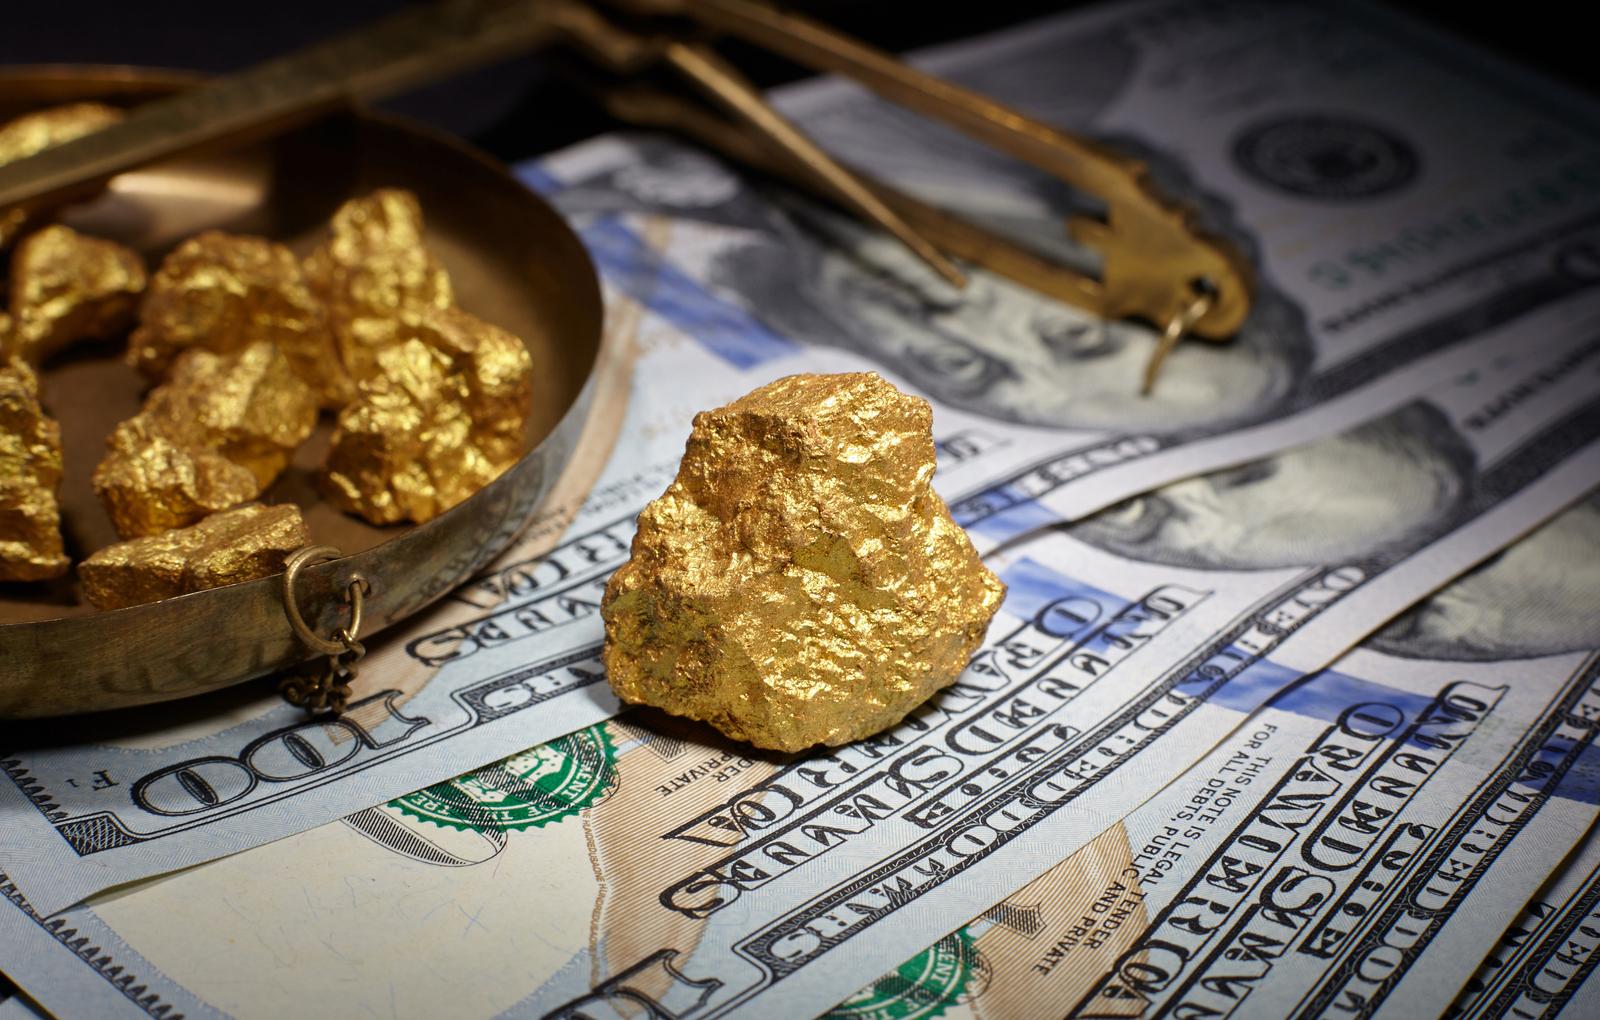 Η Συμφωνία του Brexit και η Εκεχειρία Τουρκίας-Συρίας Περιορίζουν τα κέρδη του Χρυσού